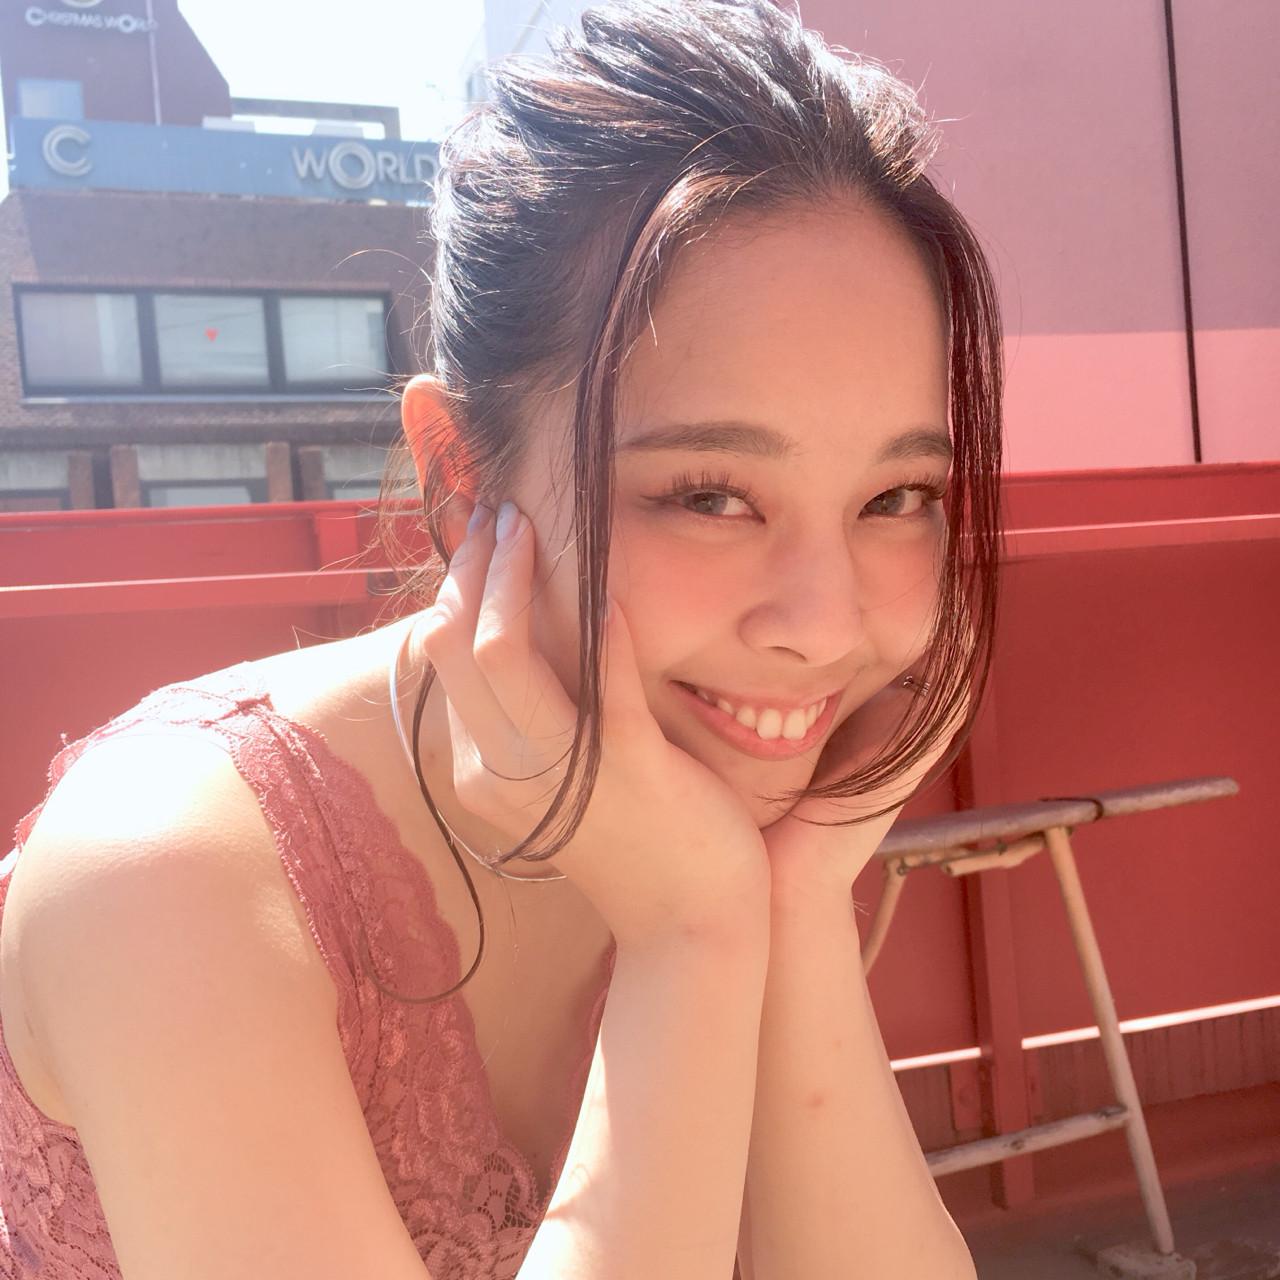 デート ミディアム 前髪あり アウトドア ヘアスタイルや髪型の写真・画像 | 上川美幸 / carlm